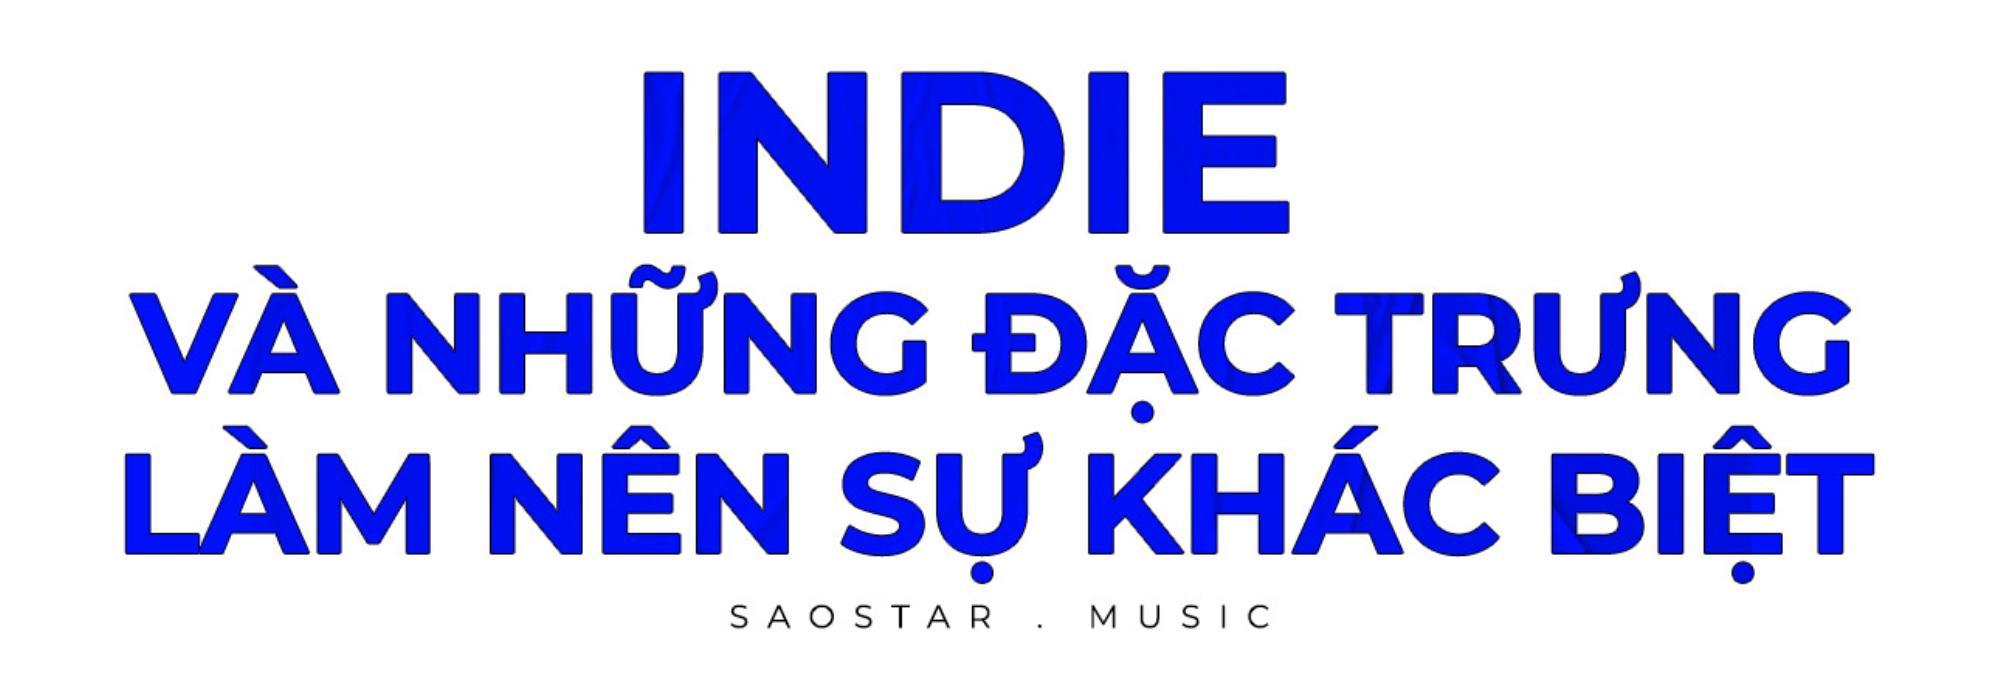 Indie và câu chuyện 'sinh tồn' trong nhạc Việt Ảnh 2